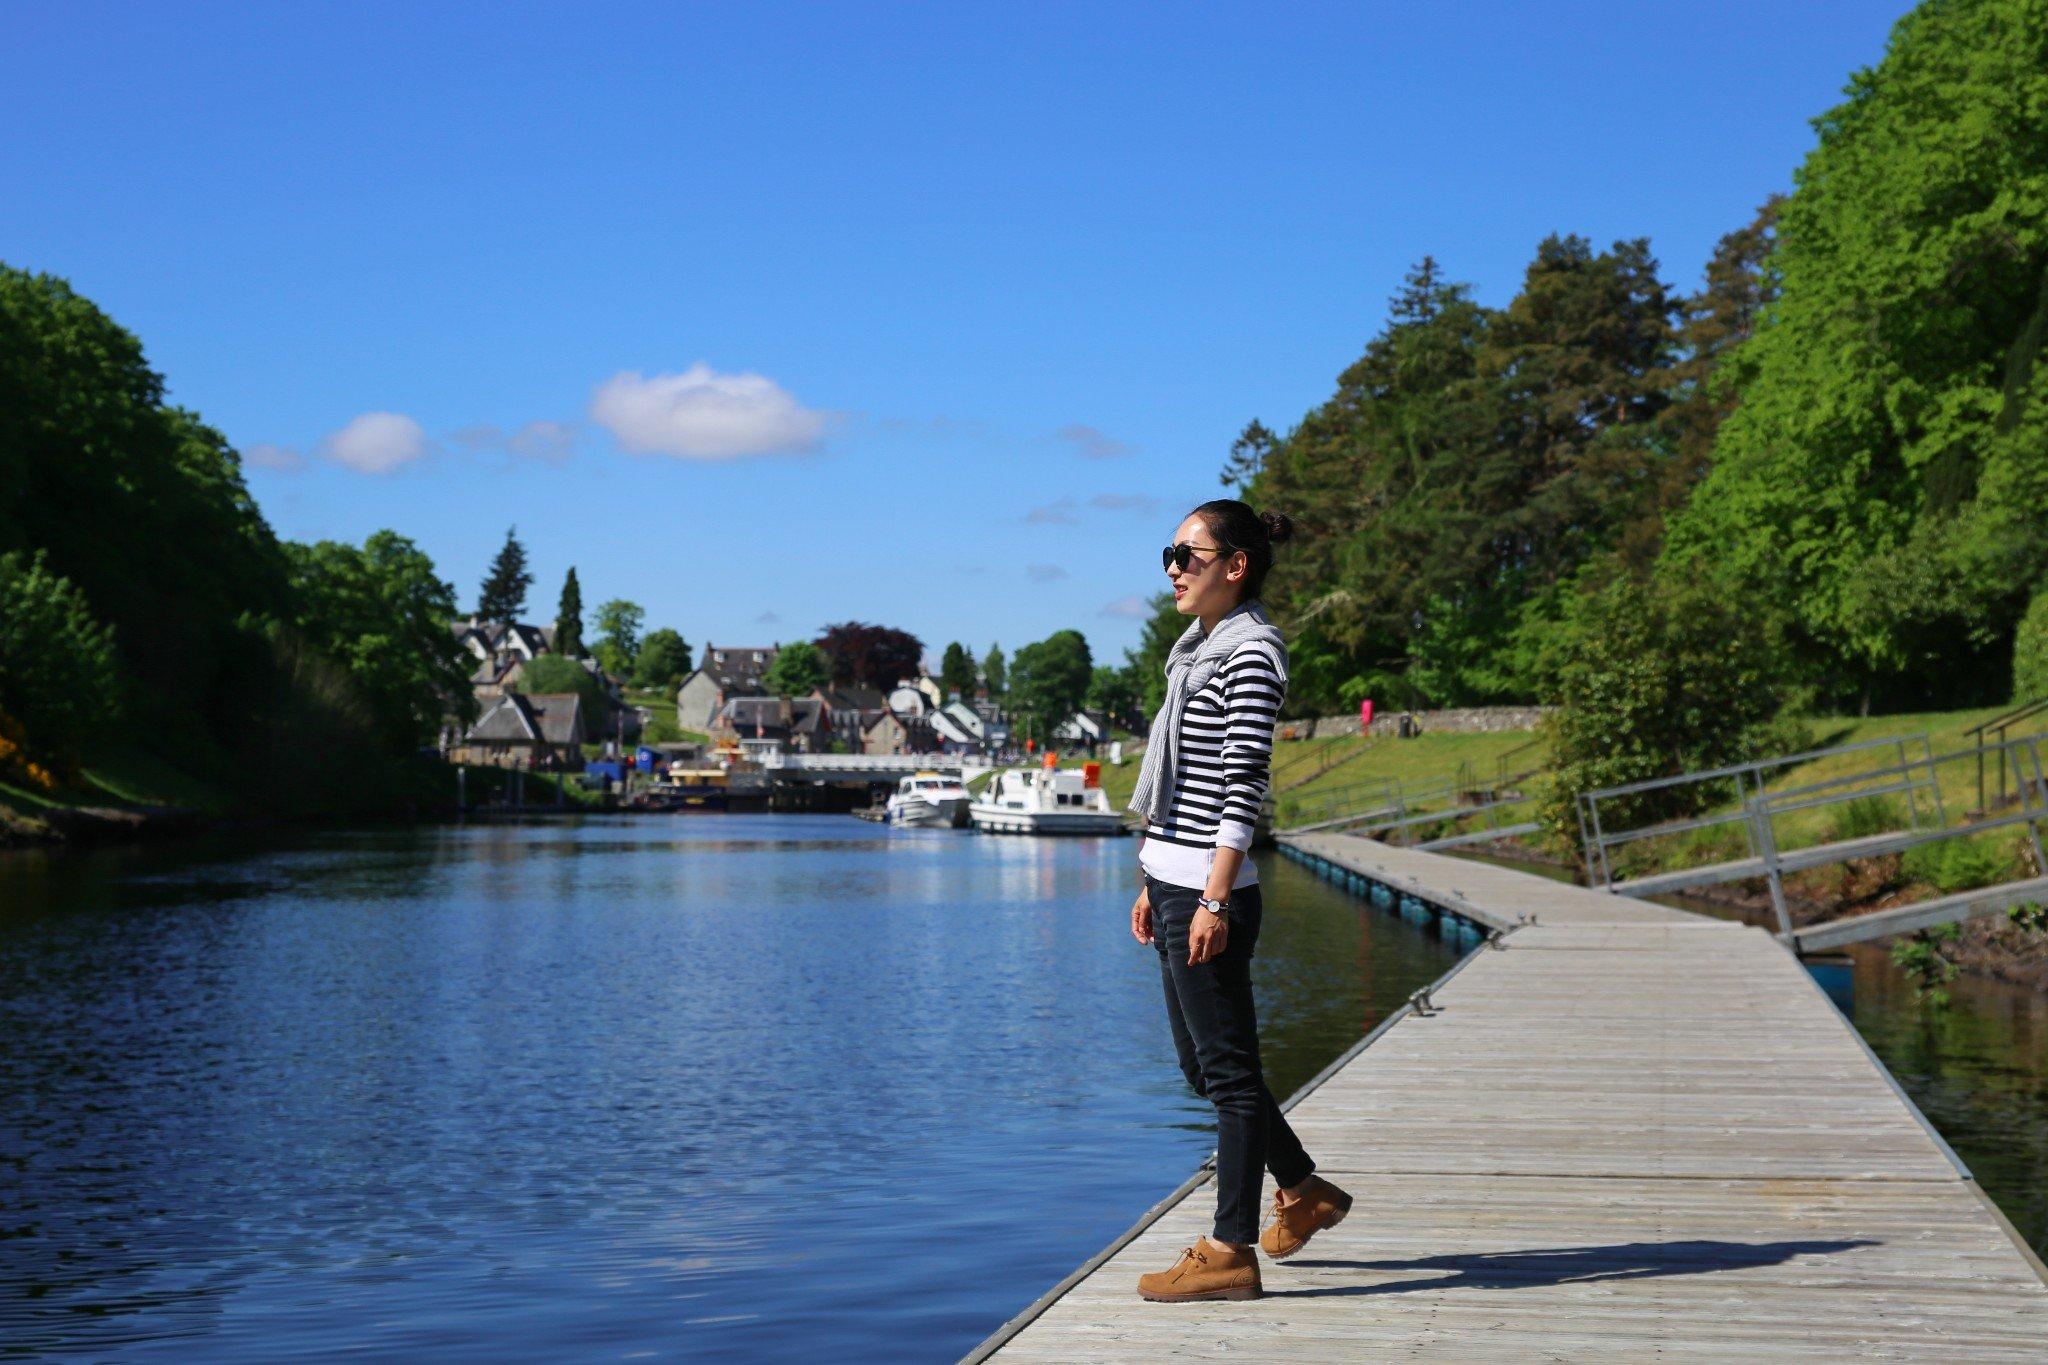 尼斯湖,旅游攻略,自助游,自驾游,自由行,游玩攻略指南